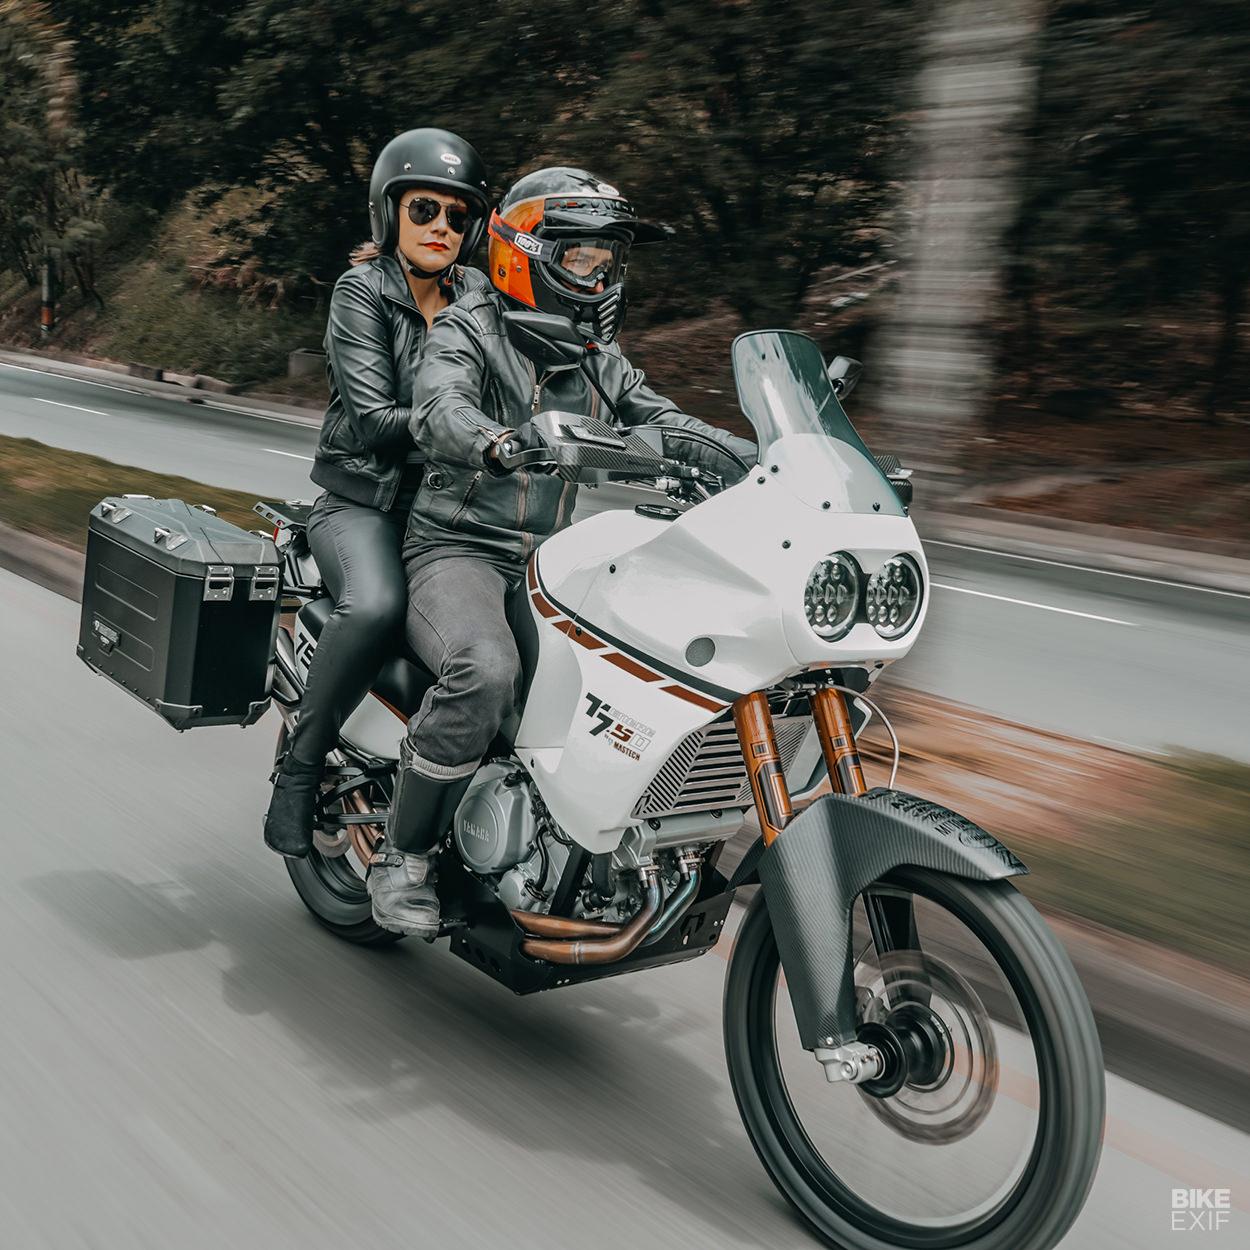 Yamaha XTZ 750 Super Ténéré restomod